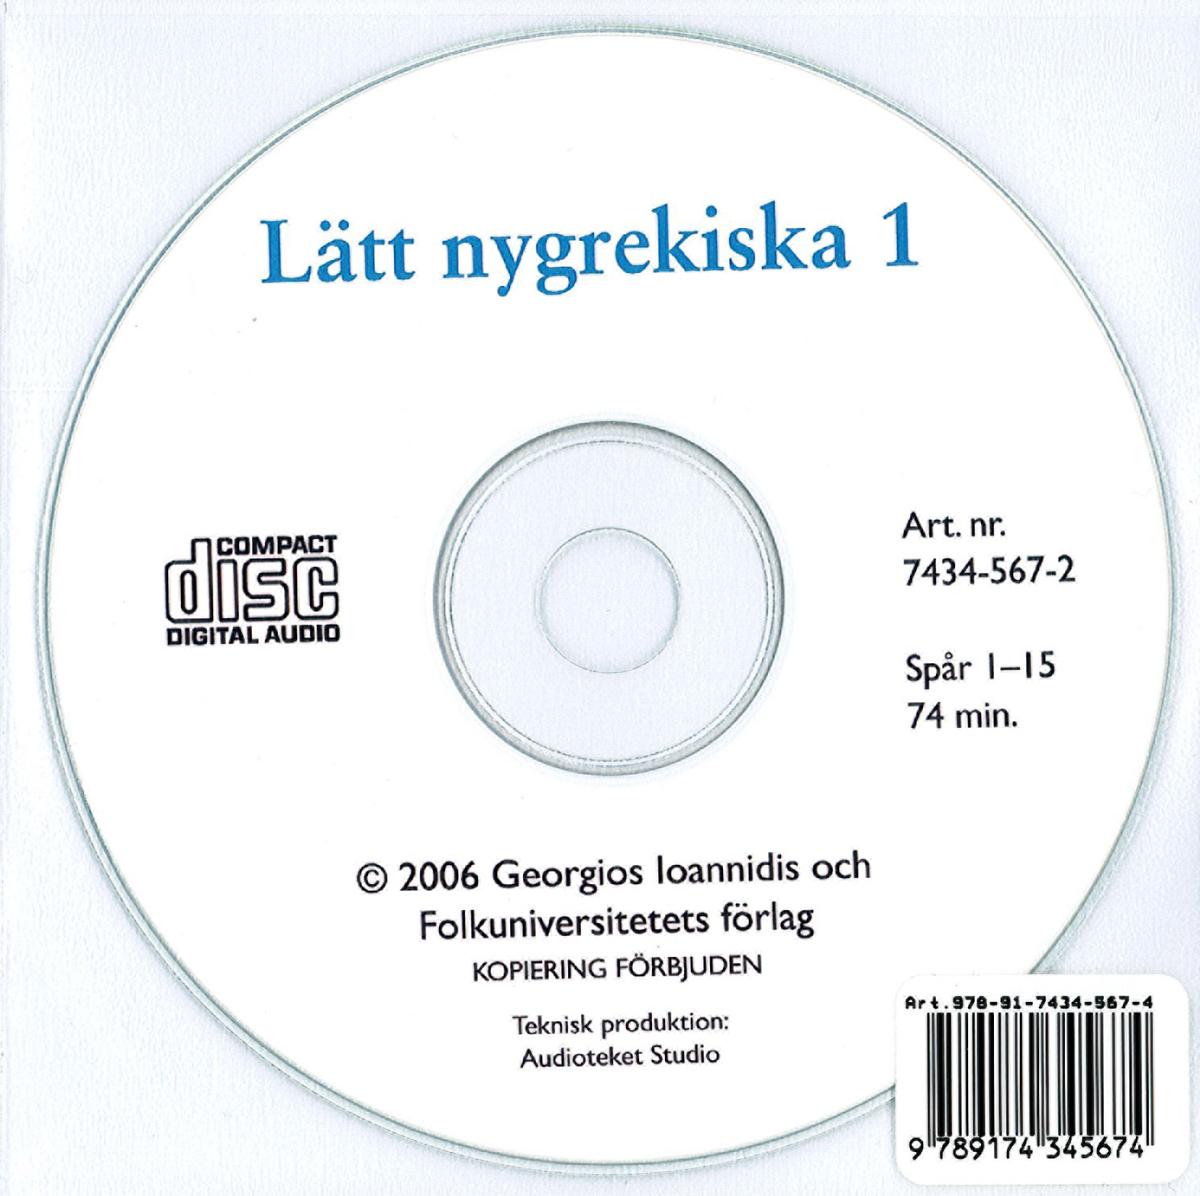 Lätt nygrekiska 1 cd